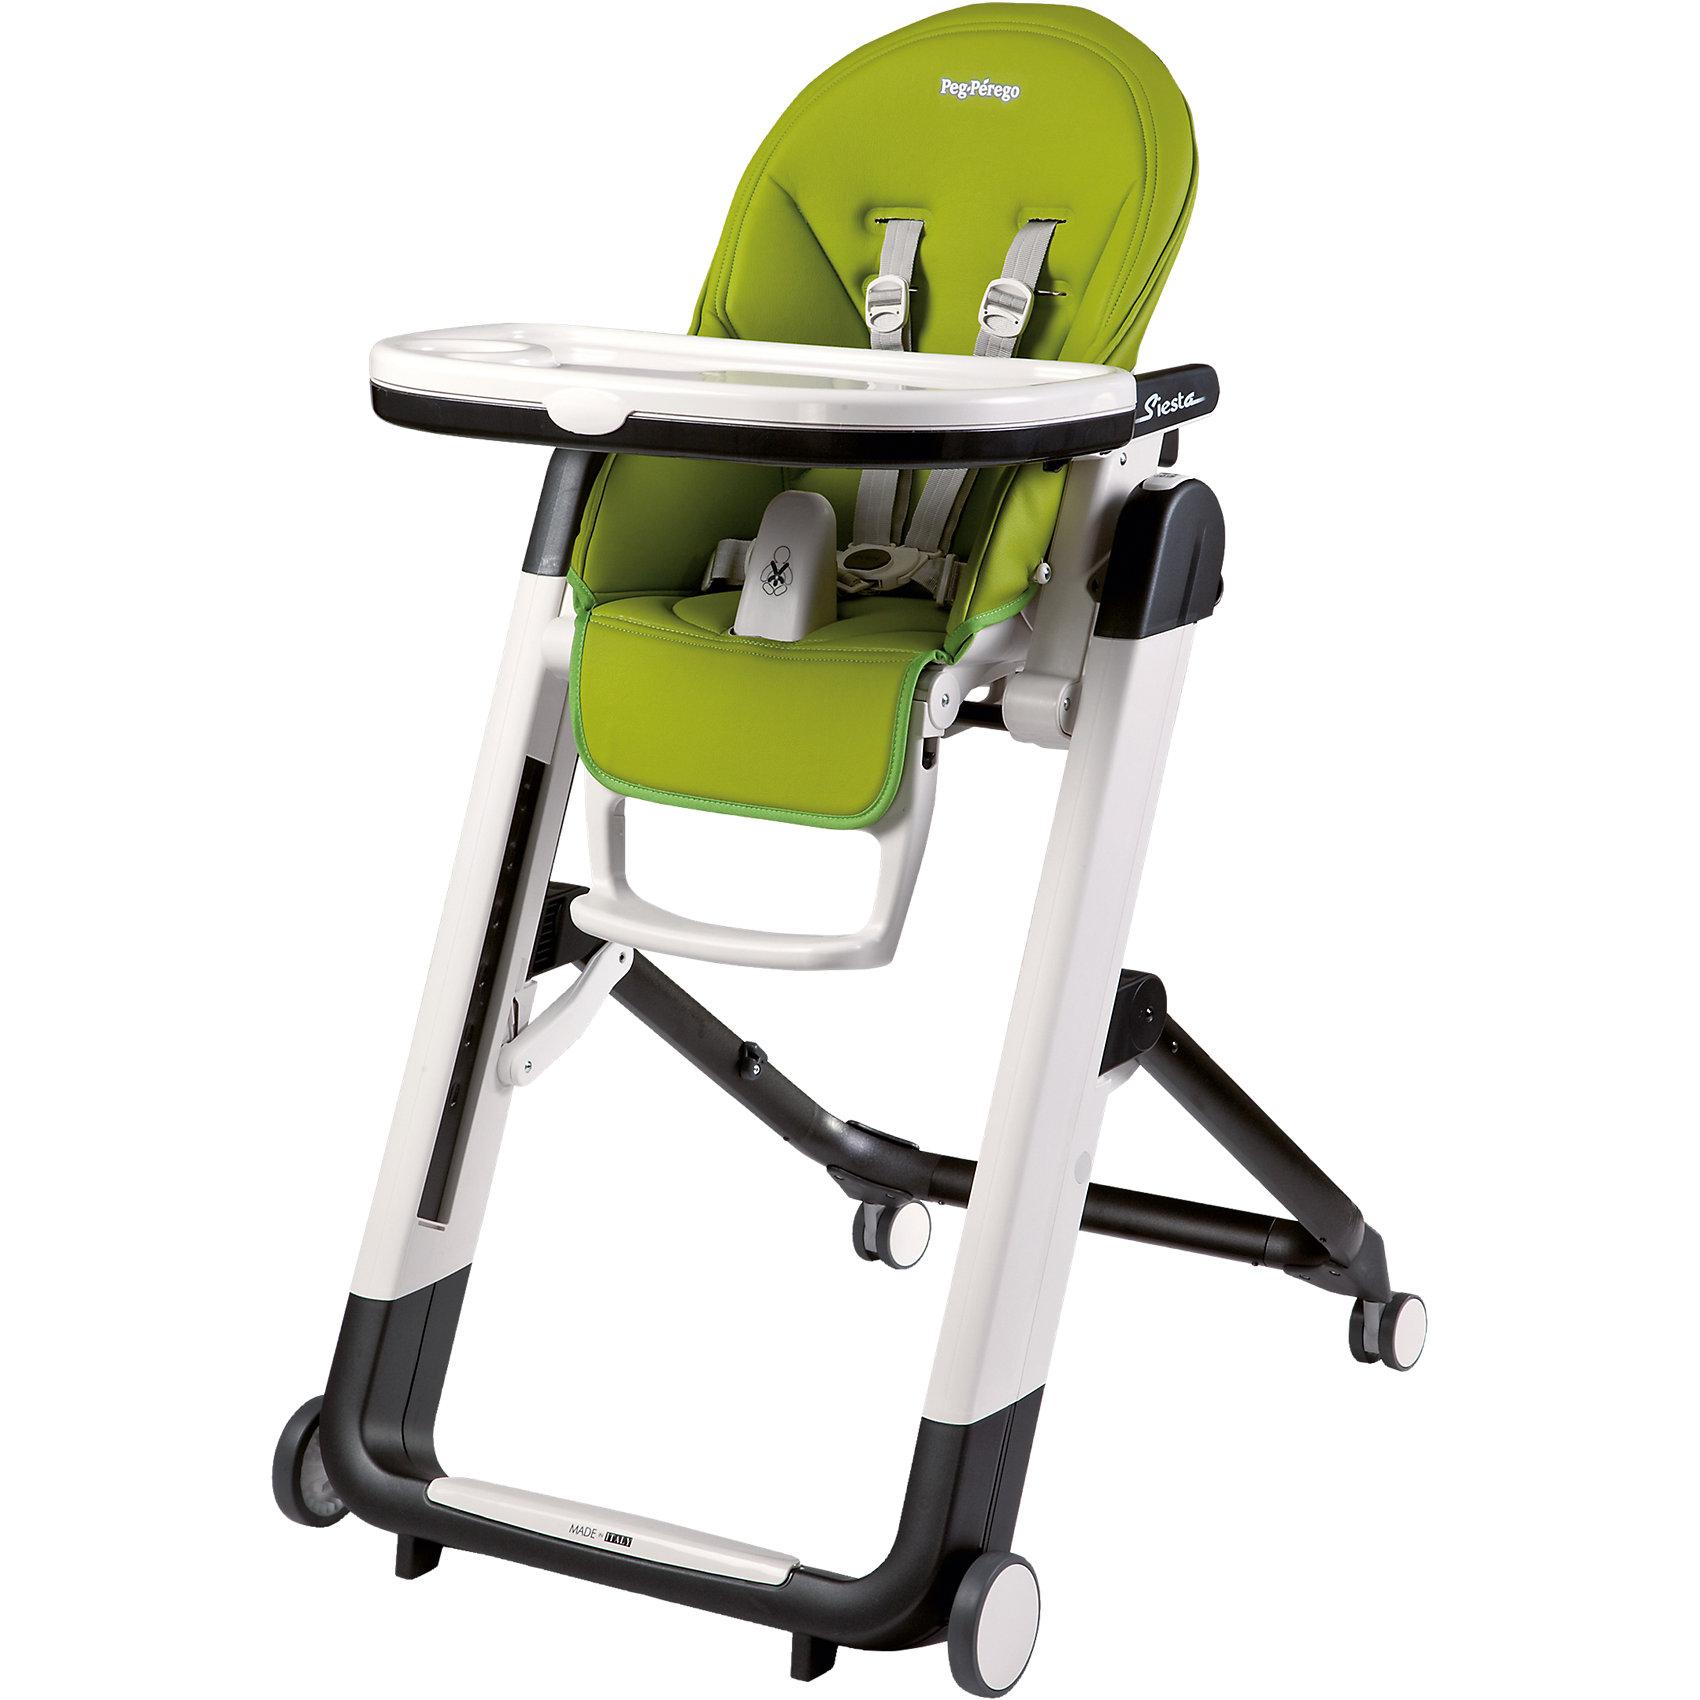 Стульчик для кормления Siesta Mela, Peg-Perego, зеленыйУдобный и функциональный стульчик Siesta, Peg-Perego, обеспечит комфорт и безопасность Вашего малыша во время кормления. Спинка сиденья легко регулируется в 5 положениях (вплоть до горизонтального), что позволяет использовать стульчик как для кормления так и для игр и сна. Широкое и эргономичное мягкое сиденье будет удобно как малышу, так и ребенку постарше. Стульчик оснащен регулируемыми 5-точечными ремнями безопасности, а планка-разделитель для ножек под столиком не даст малышу соскользнуть. Высота стула регулируется в 9 положениях (от 33 до 65 см. от пола). Подножка регулируется в 3 позициях, позволяя выбрать оптимальное для ребенка положение. На задней части спинки размещается сетка для мелочей.<br>Широкий съемный столик оснащен подносом с отделениями для кружки или стакана, поднос можно снять для быстрой чистки и использовать основную поверхность для игр и занятий. Для детей постарше стул можно использовать без столика для кормления, придвинув его к столу для взрослых. Ножки оснащены колесиками с блокираторами, что позволяет легко перемещать стульчик по комнате. Кожаный чехол легко снимается для чистки. Стульчик легко и компактно складывается и занимает мало места при хранении. Подходит для детей в возрасте от 0 месяцев до 3 лет.<br><br>Дополнительная информация:<br>- Цвет: зеленый.<br>- Материал: пластик, эко-кожа.<br>- Высота спинки сиденья: 44 см.<br>- Ширина сиденья: 27 см.<br>- Размер в разложенном состоянии: 60 х 75 х 104,5 см. <br>- Размер в сложенном состоянии: 60 х 35 х 89 cм. <br>- Вес: 7,6 кг.<br><br>Стульчик для кормления Siesta Mela, Peg-Perego, зеленый, можно купить в нашем интернет-магазине.<br><br>Ширина мм: 900<br>Глубина мм: 620<br>Высота мм: 300<br>Вес г: 13120<br>Цвет: зеленый<br>Возраст от месяцев: 0<br>Возраст до месяцев: 36<br>Пол: Унисекс<br>Возраст: Детский<br>SKU: 3537392